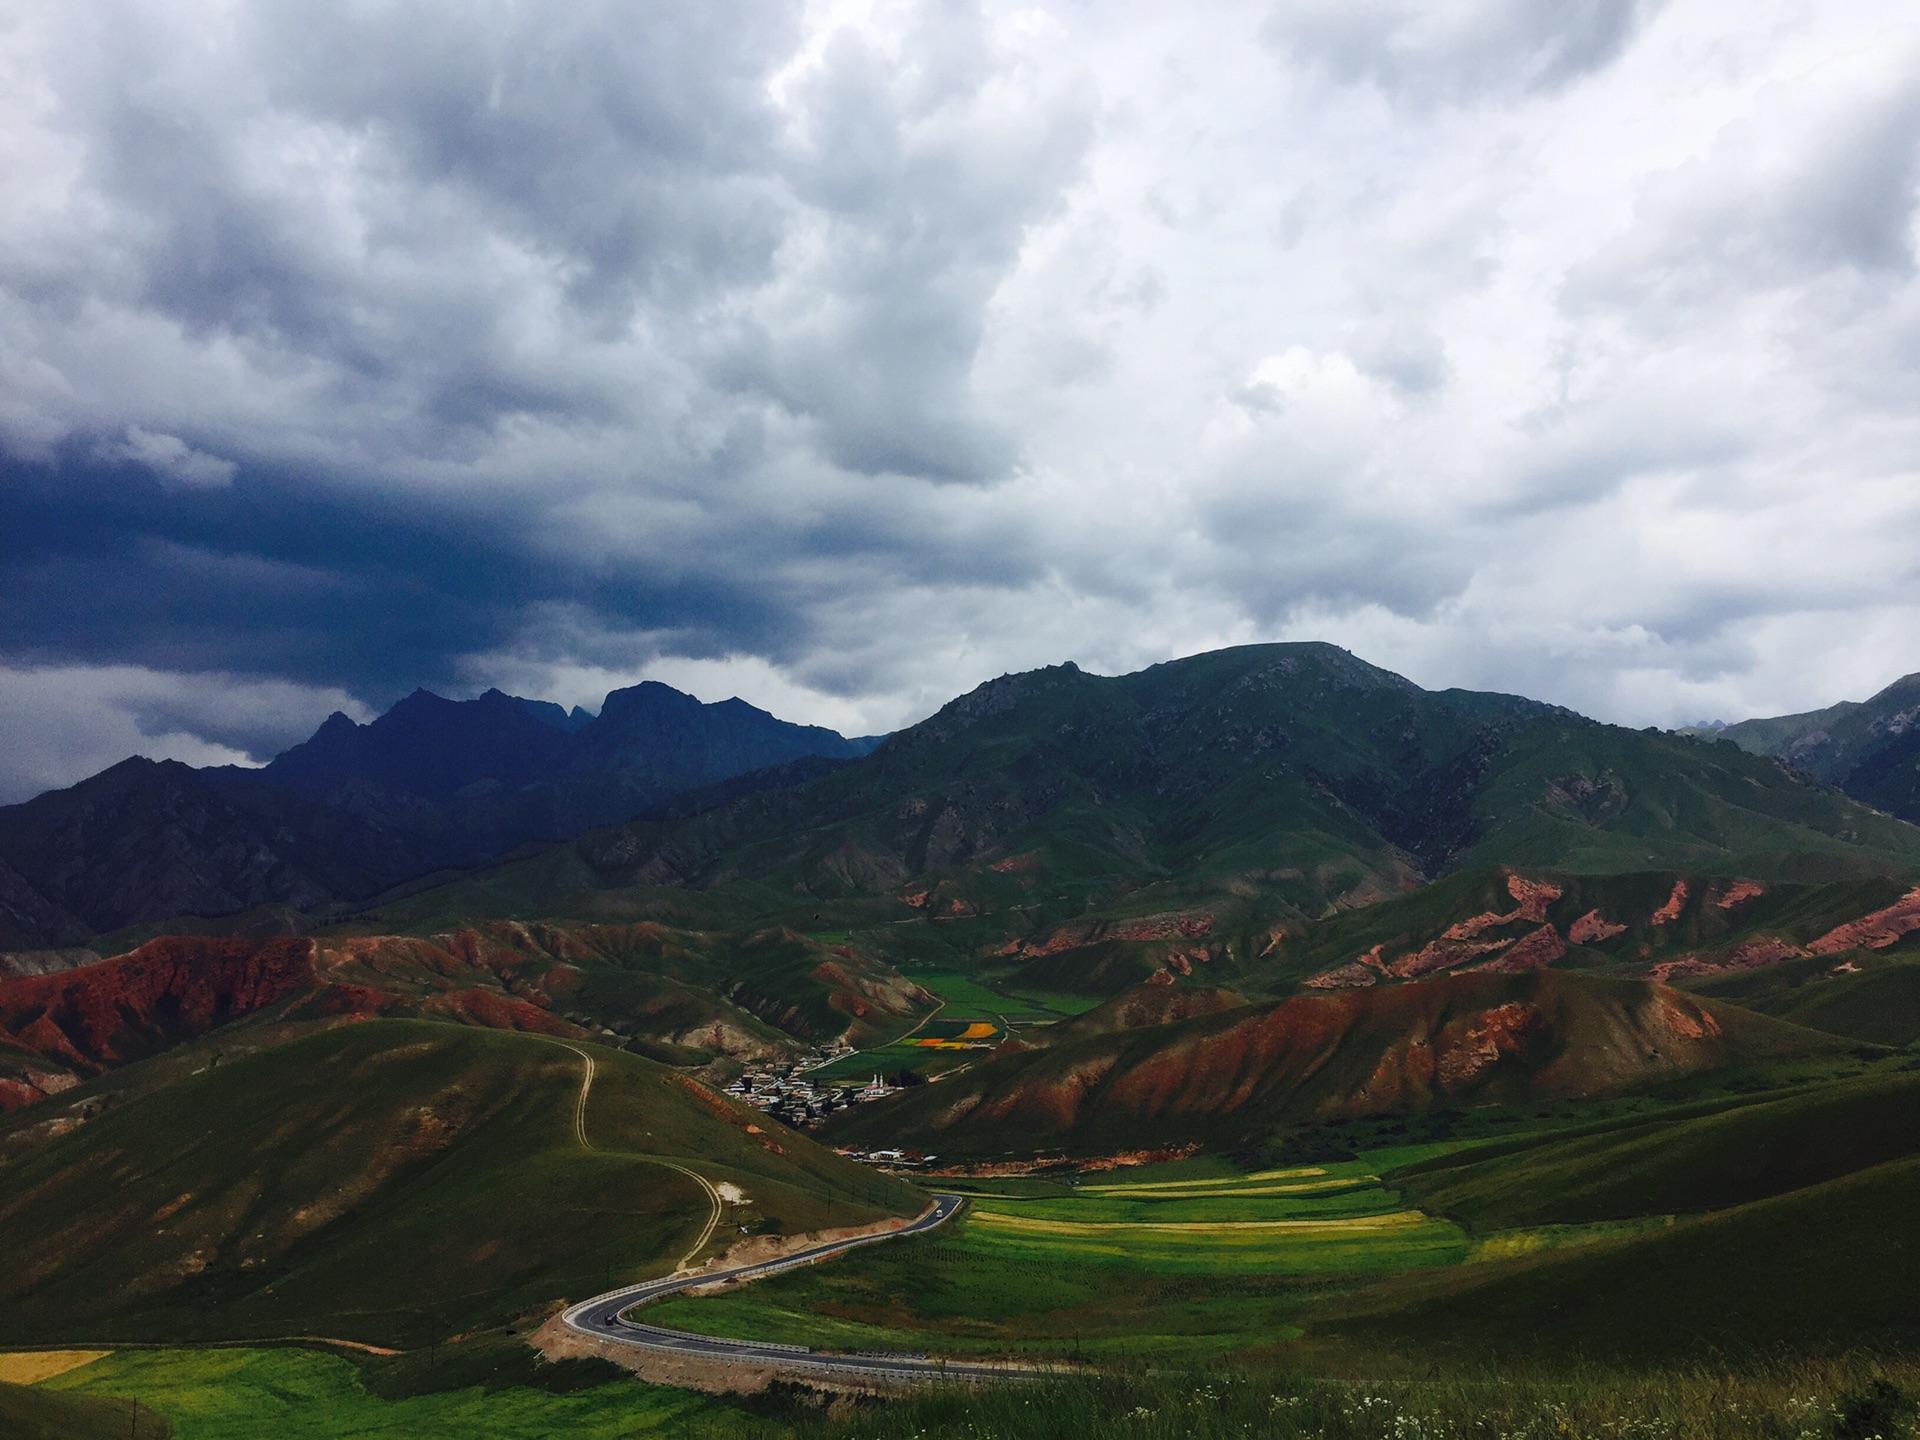 卓尔山那美丽的景色就好比一幅油画